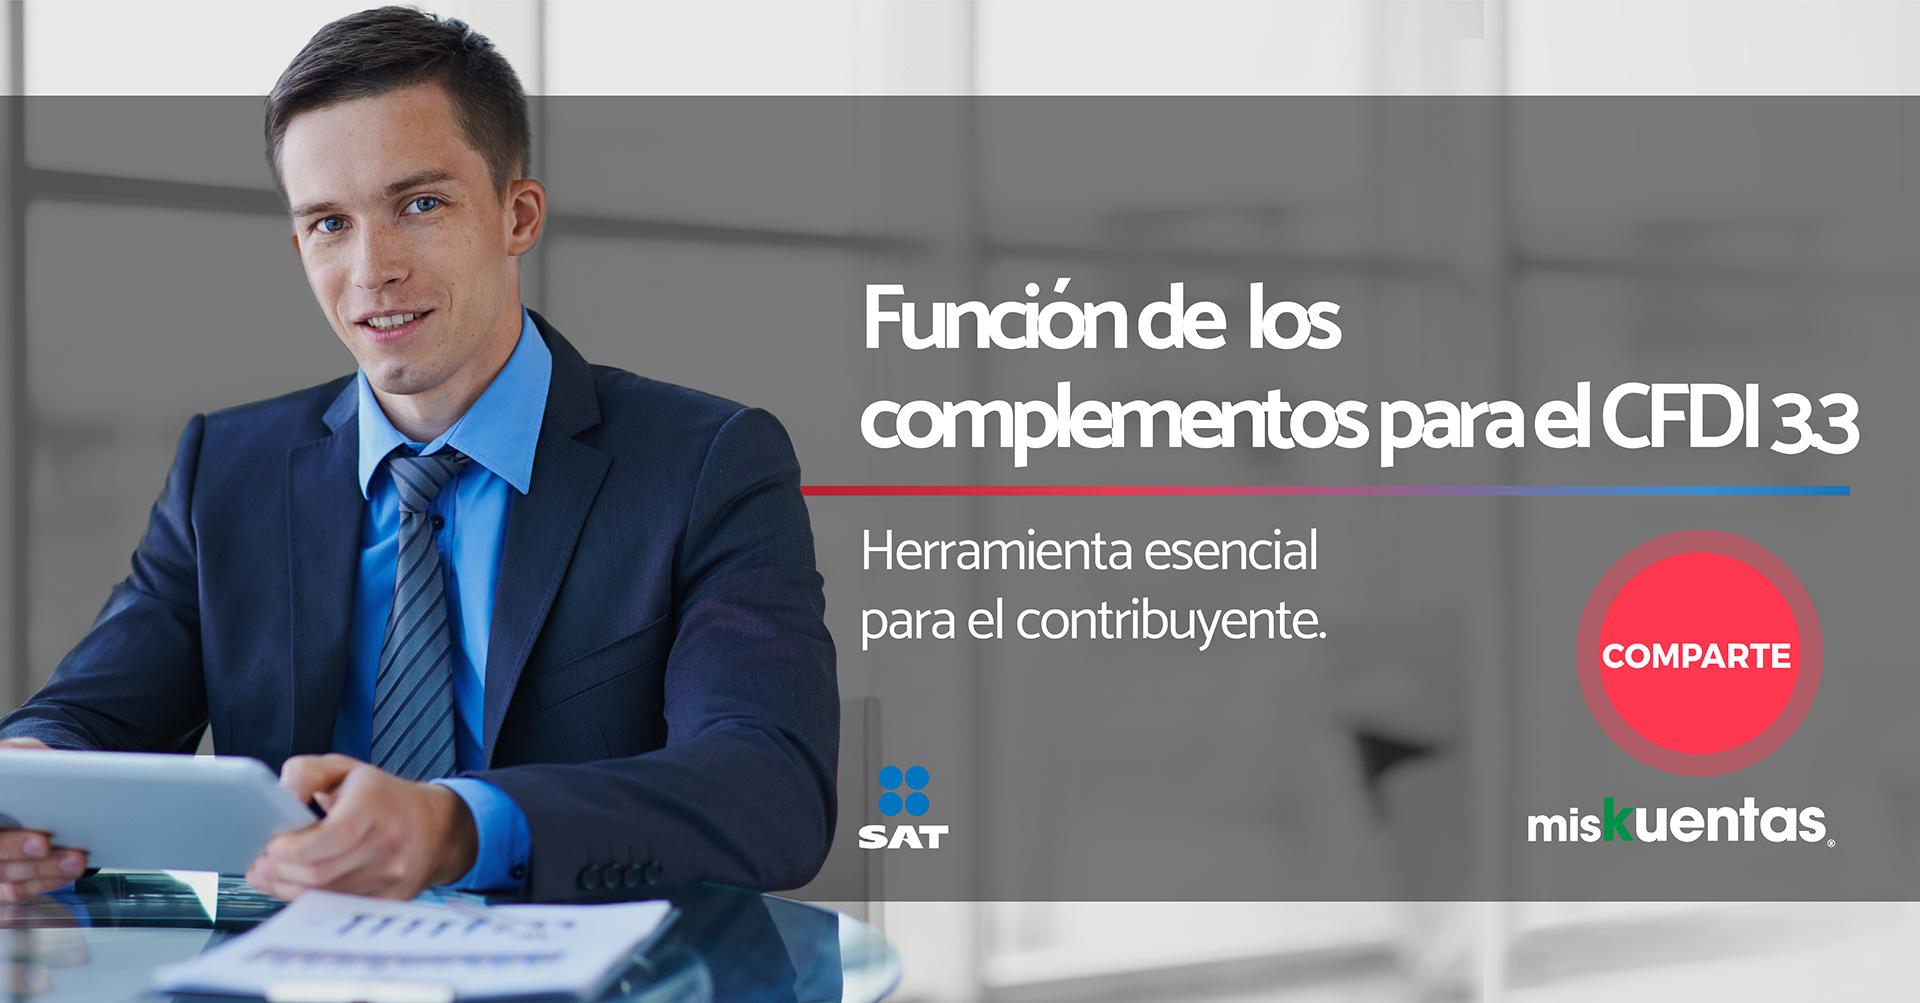 Las versiones de complementos nos permiten incluir información sobre un sector o actividad específica, y se dividen en dos tipos: Los complementos y los complementos para los conceptos